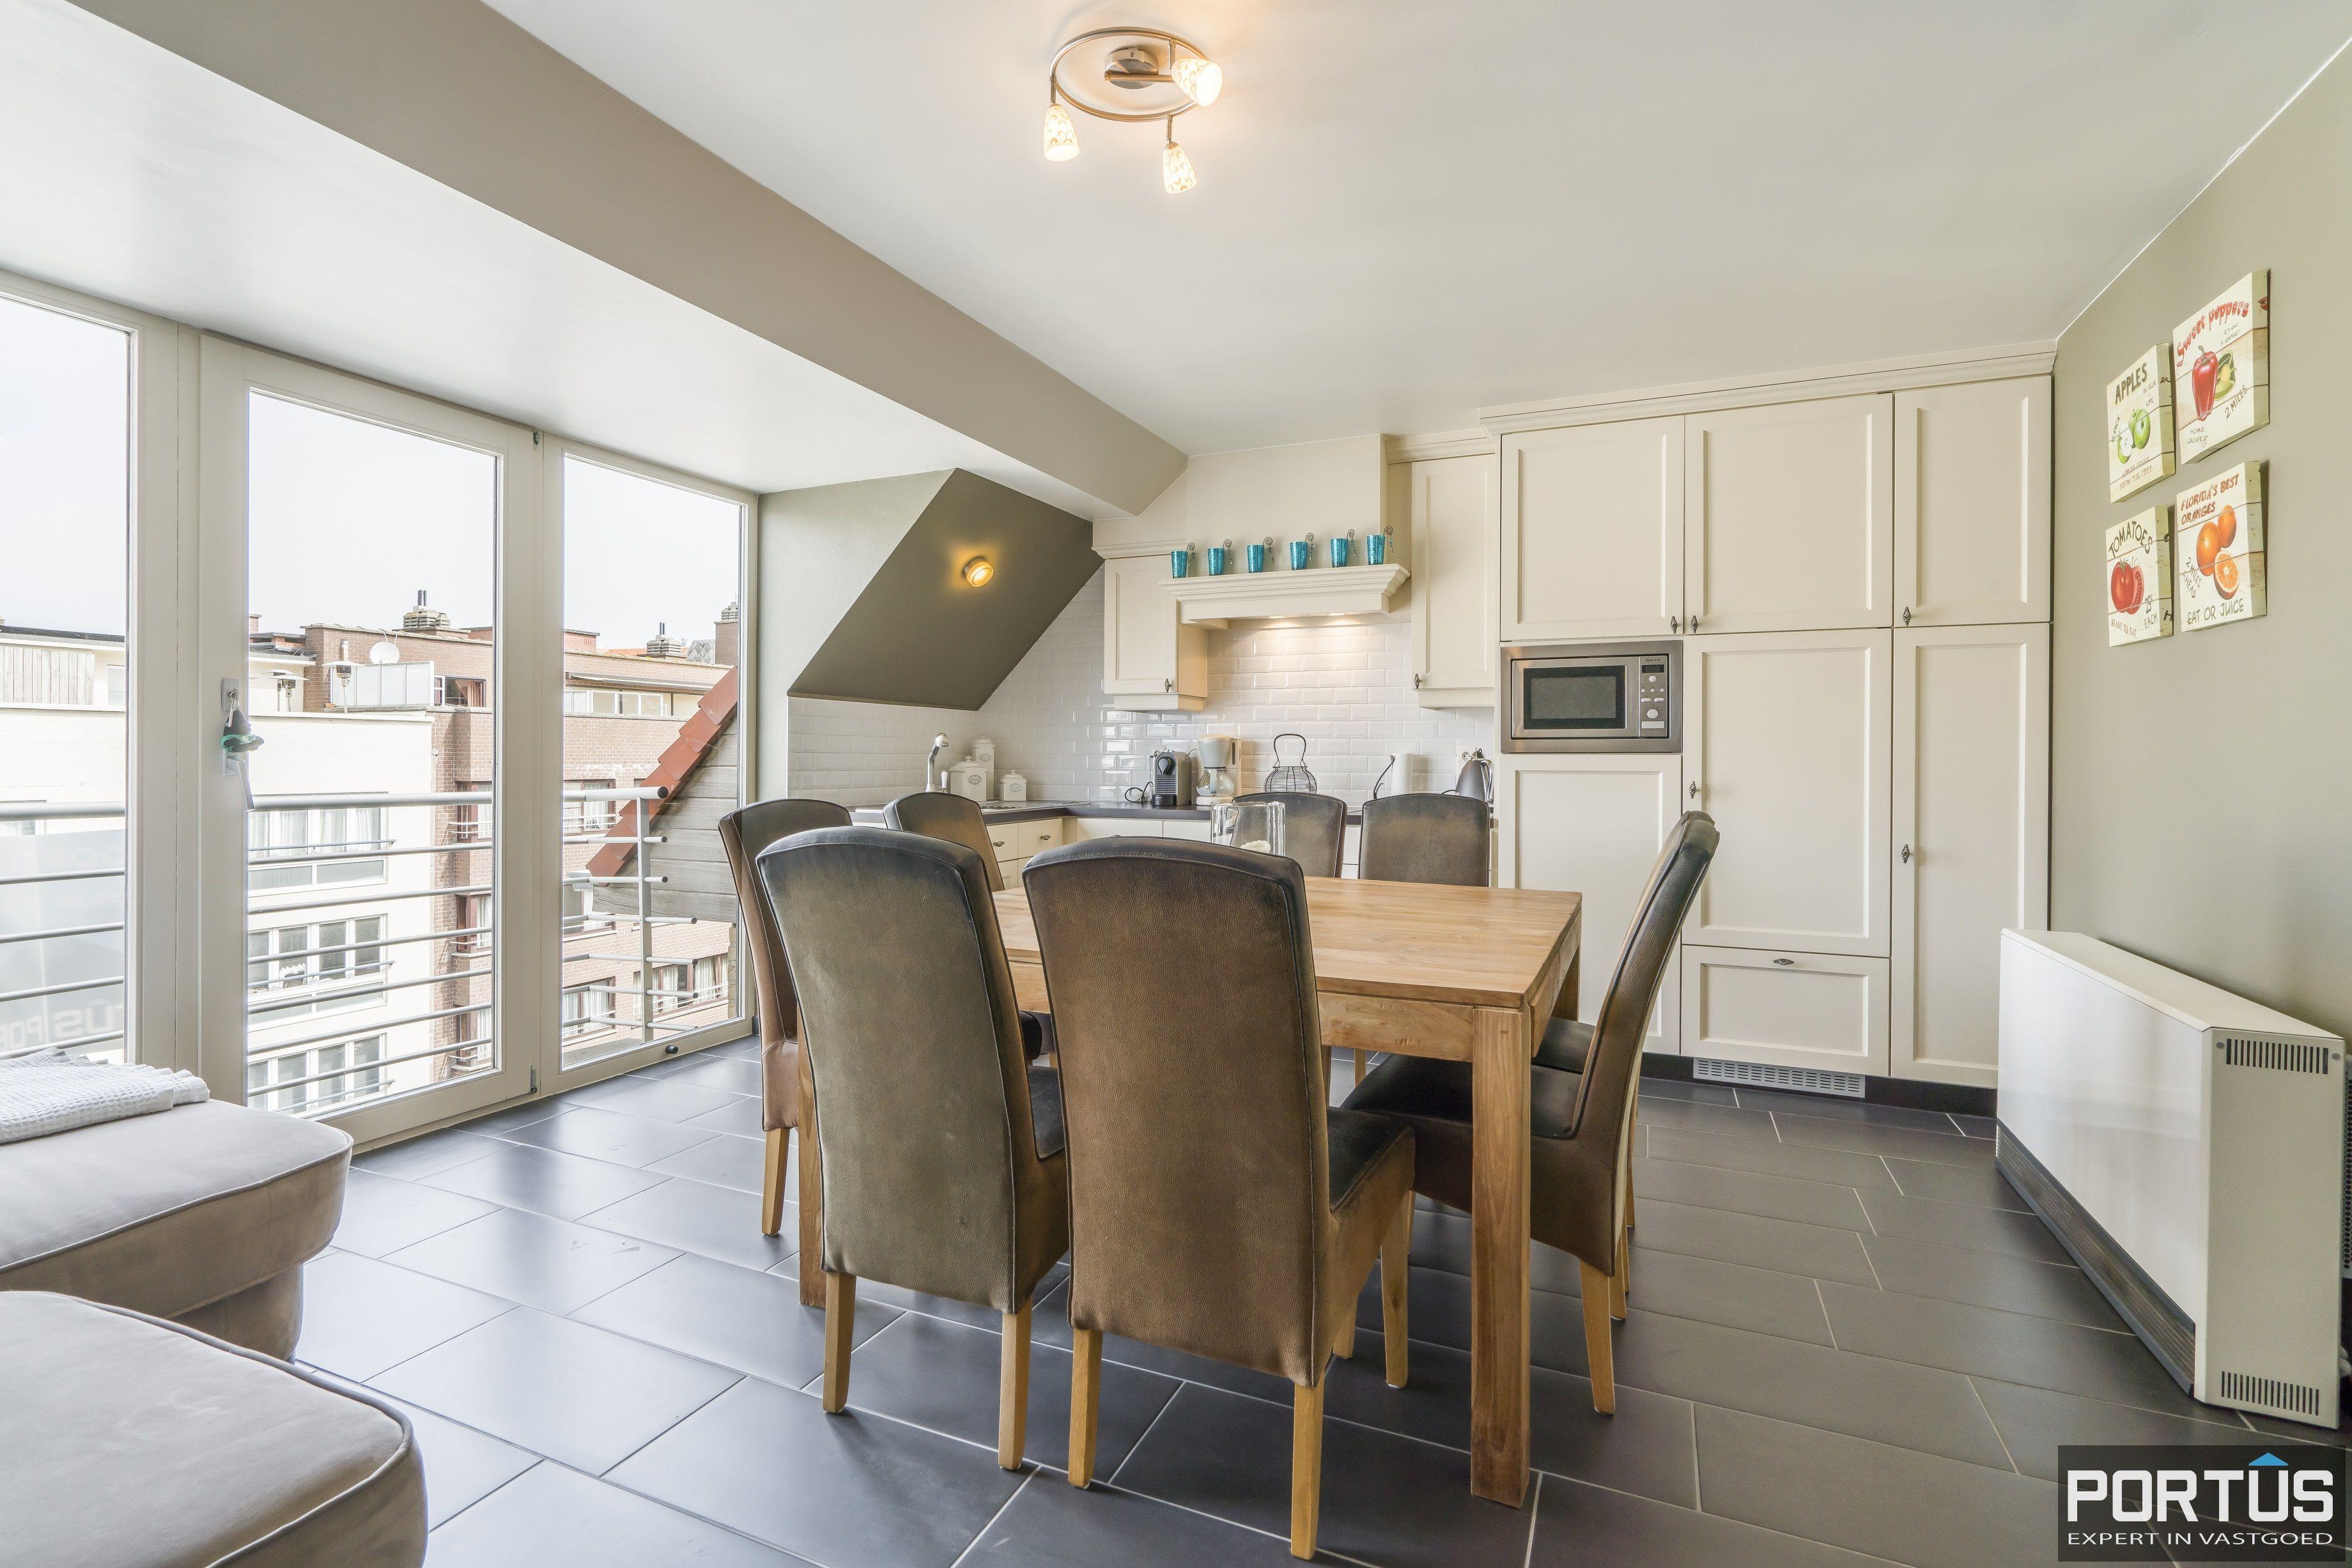 Appartement op wandelafstand van het strand te koop te Nieuwpoort-Bad - 13882